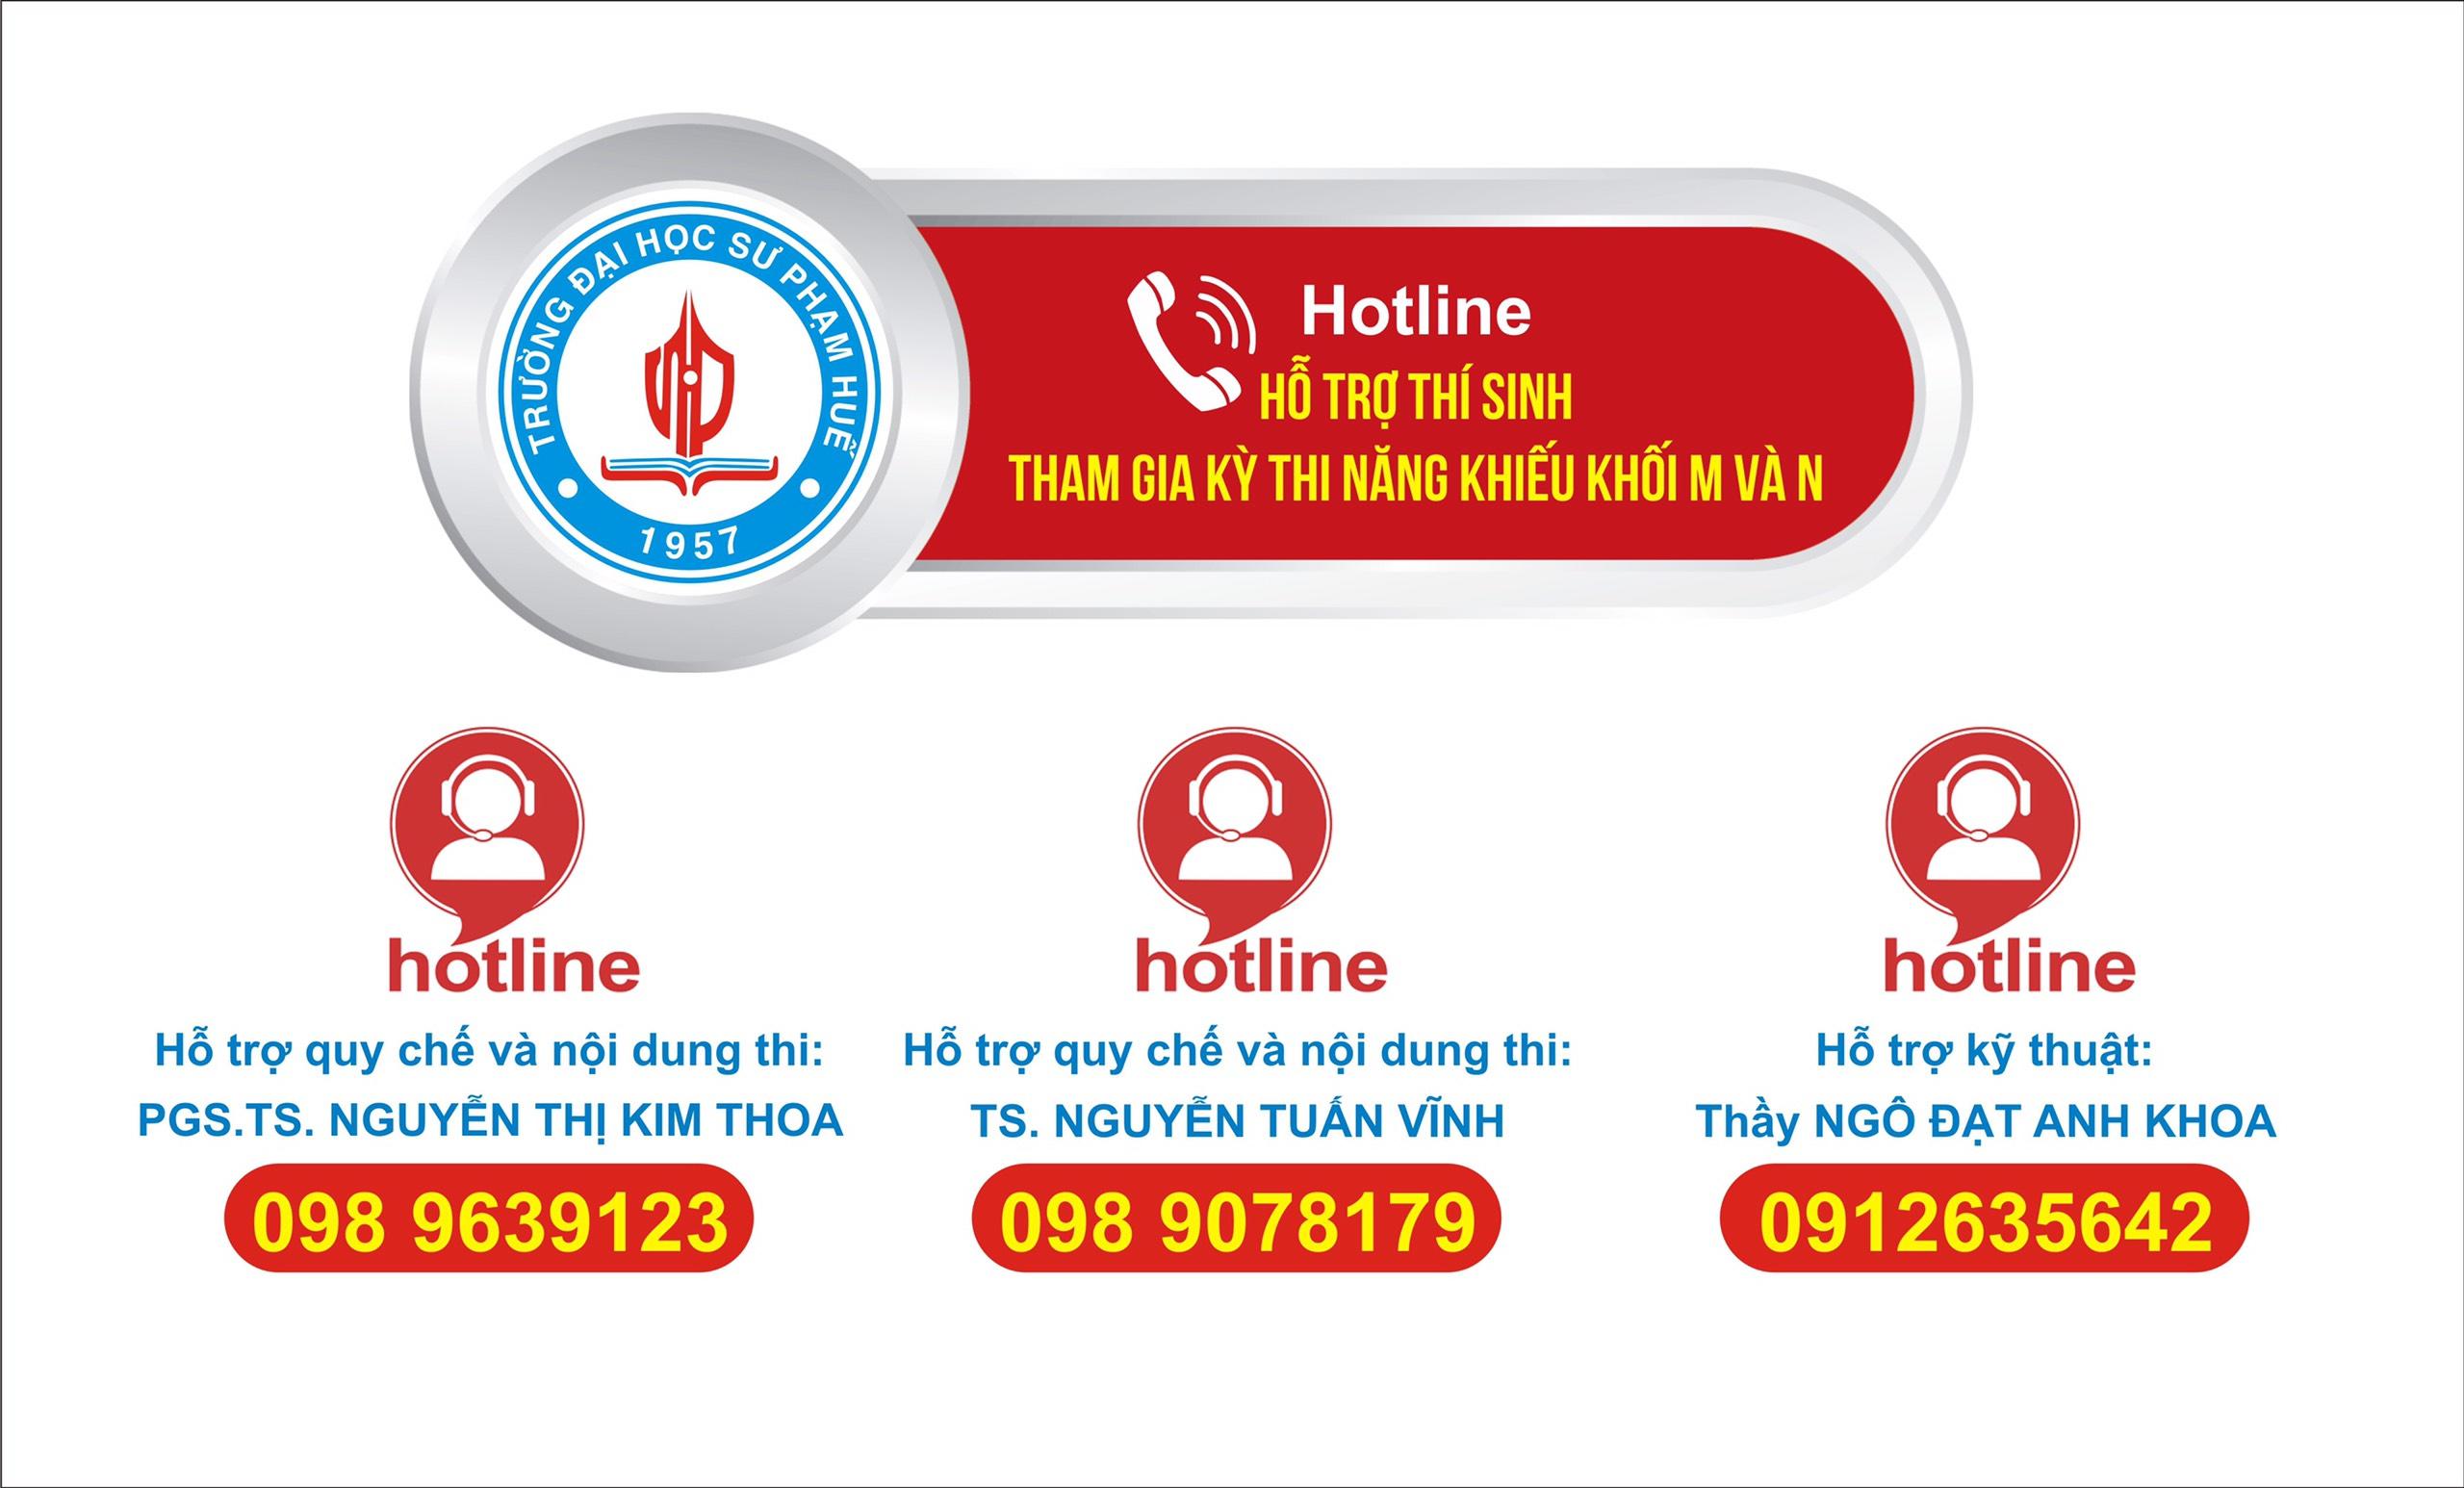 Hotline hỗ trợ thí sinh tham gia Kỳ thi năng khiếu khối M và N